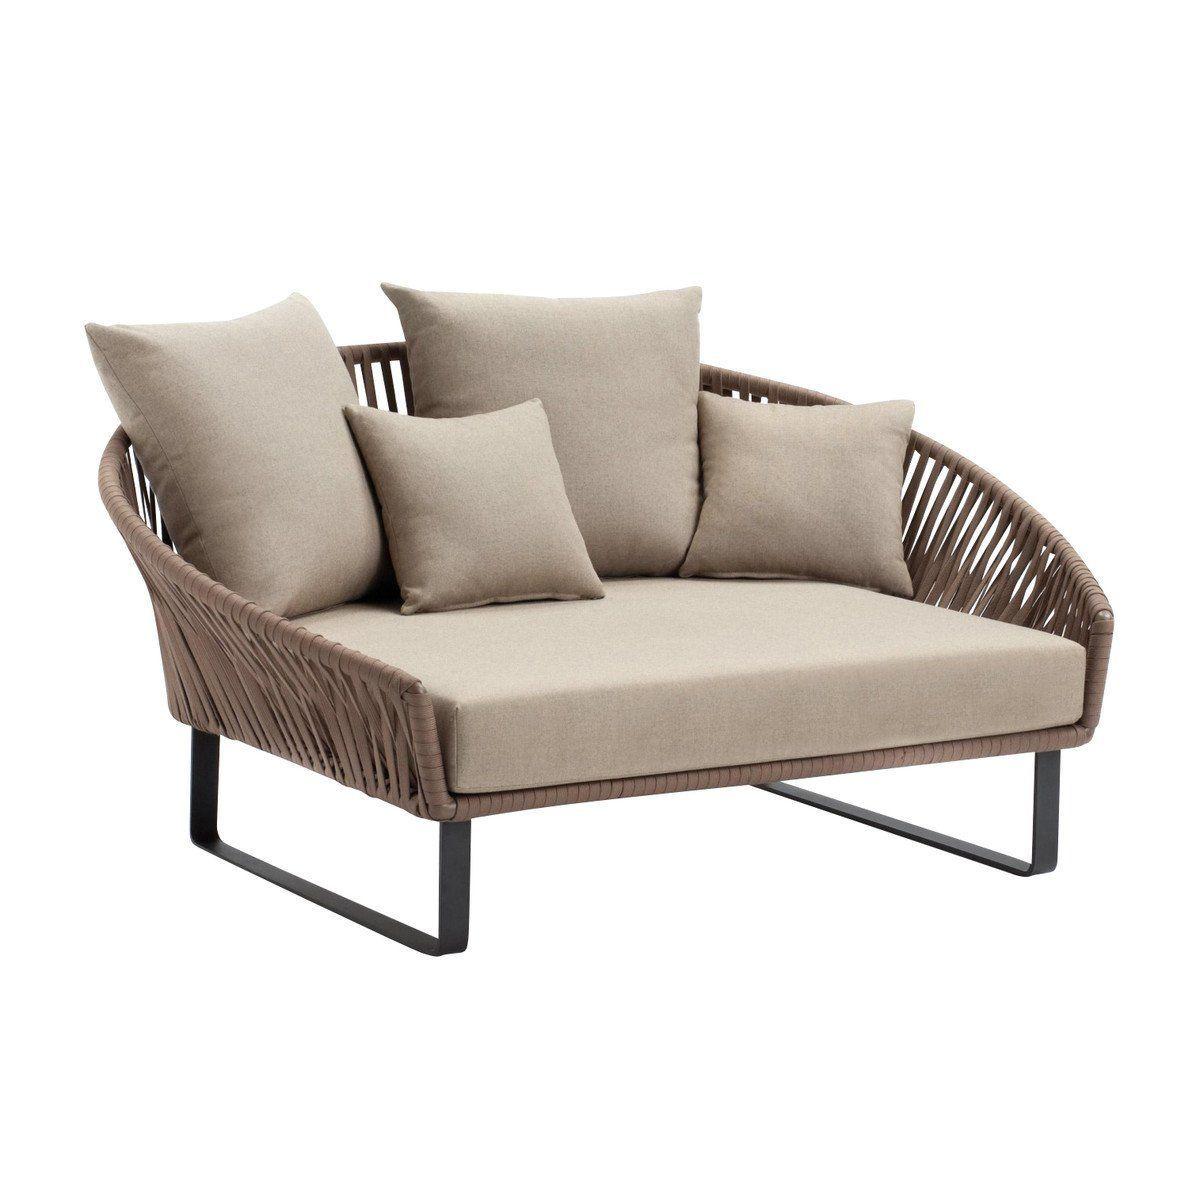 bitta daybed kettal. Black Bedroom Furniture Sets. Home Design Ideas